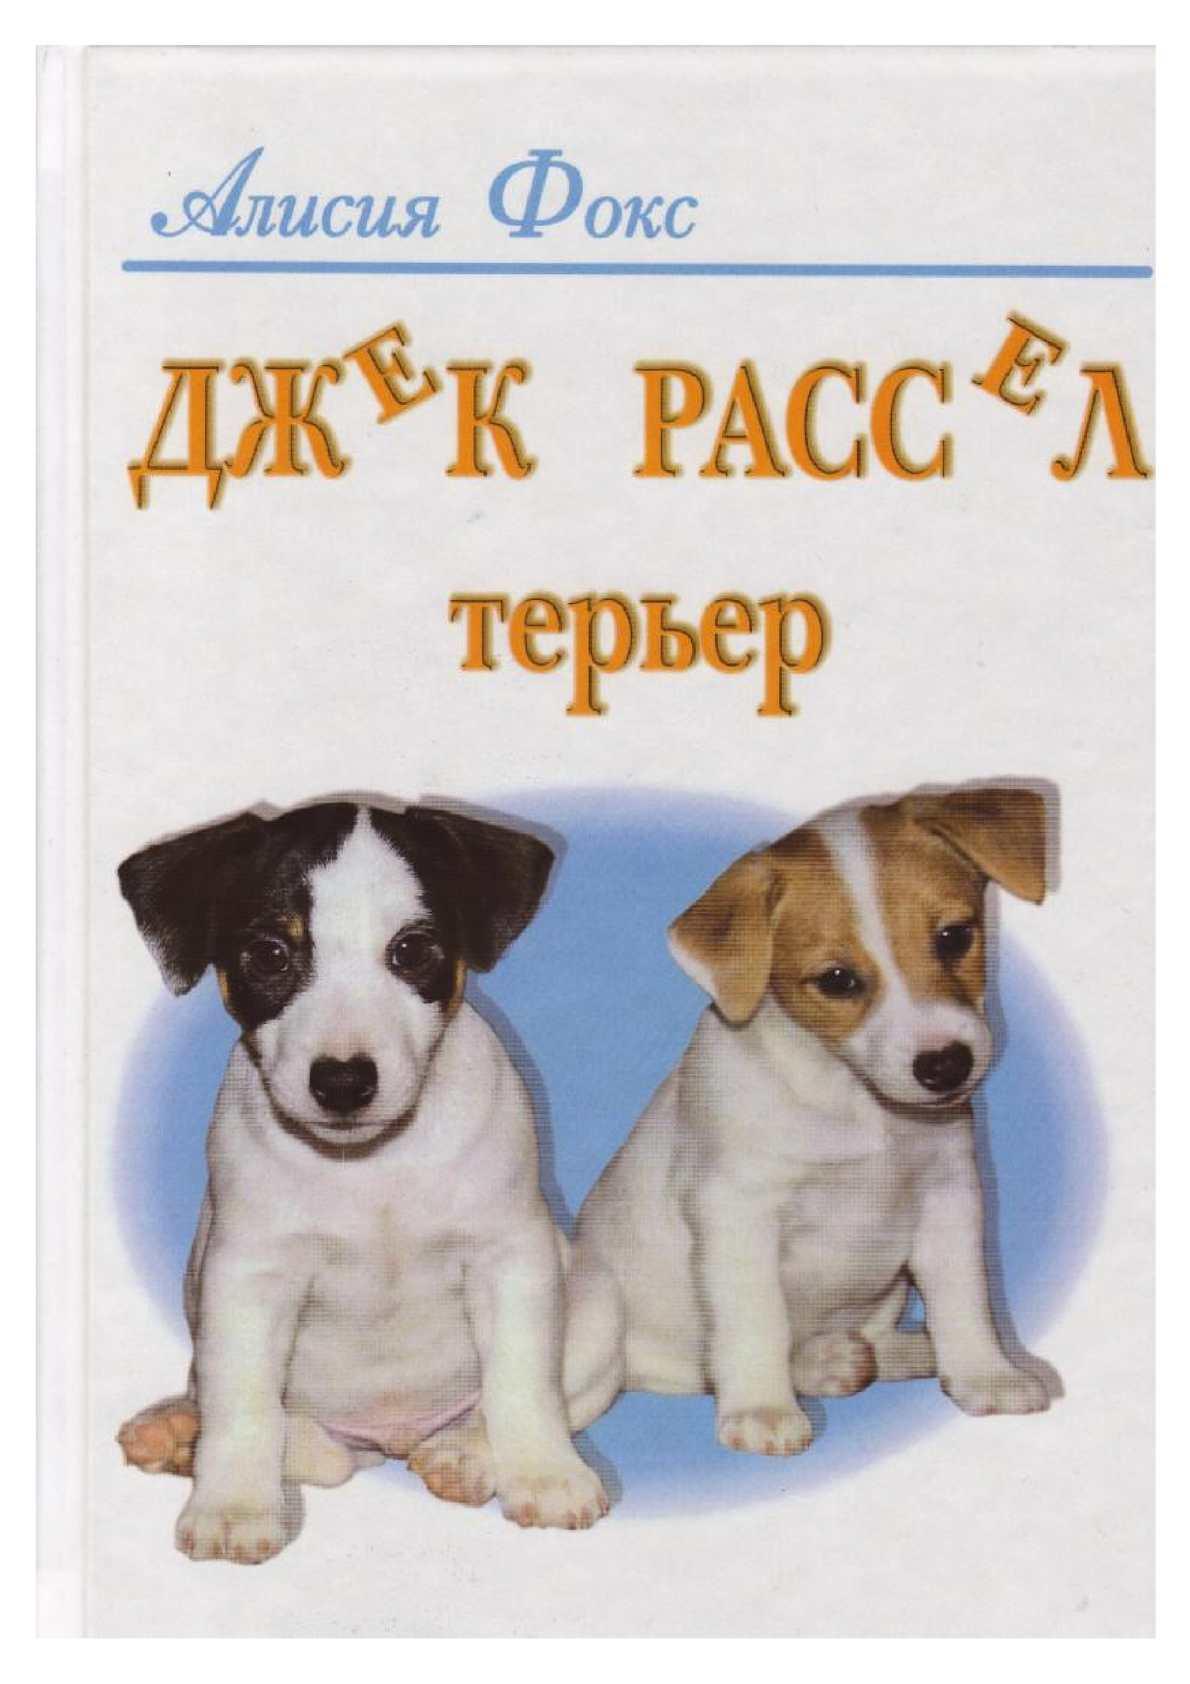 Джек Рассел Терьер, Алисия Фокс